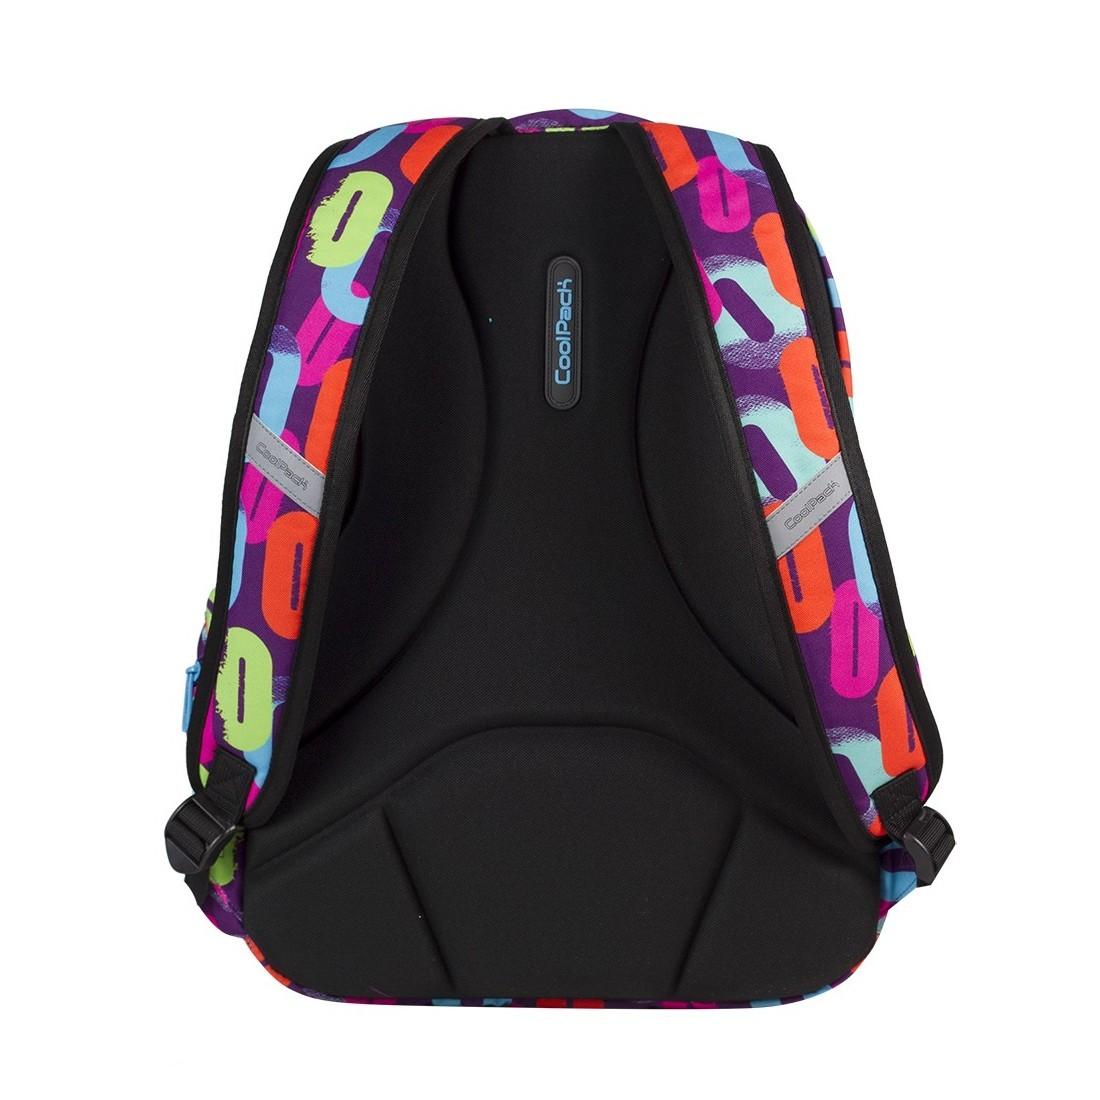 Plecak młodzieżowy CoolPack CP lekki w kolorowe zera dla dziewczynki BASIC MULTICOLOR 547 - plecak-tornister.pl